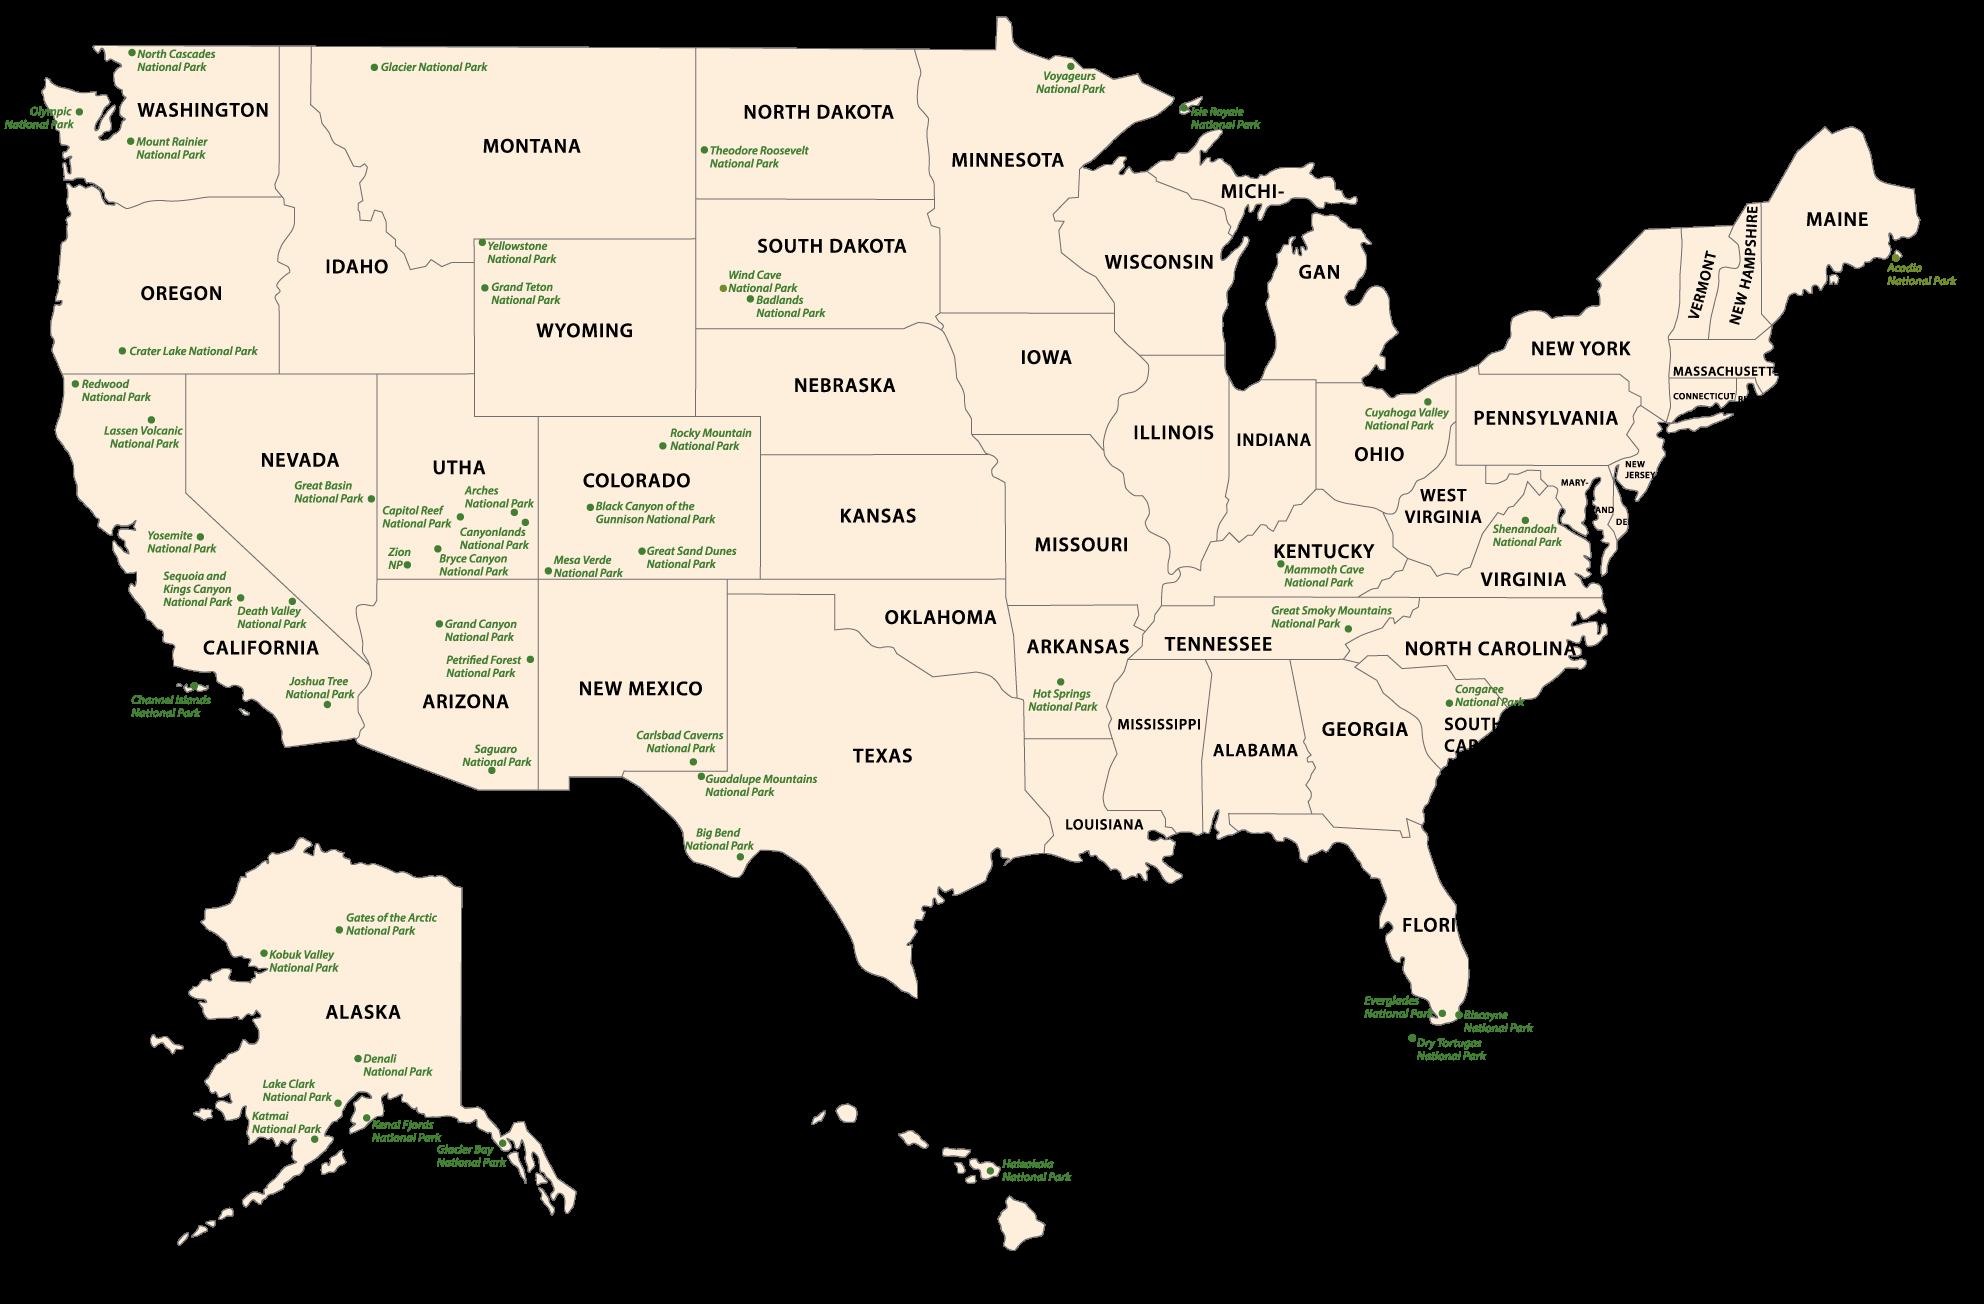 Übersicht der Nationalparks in den USA auf einer Landkarte